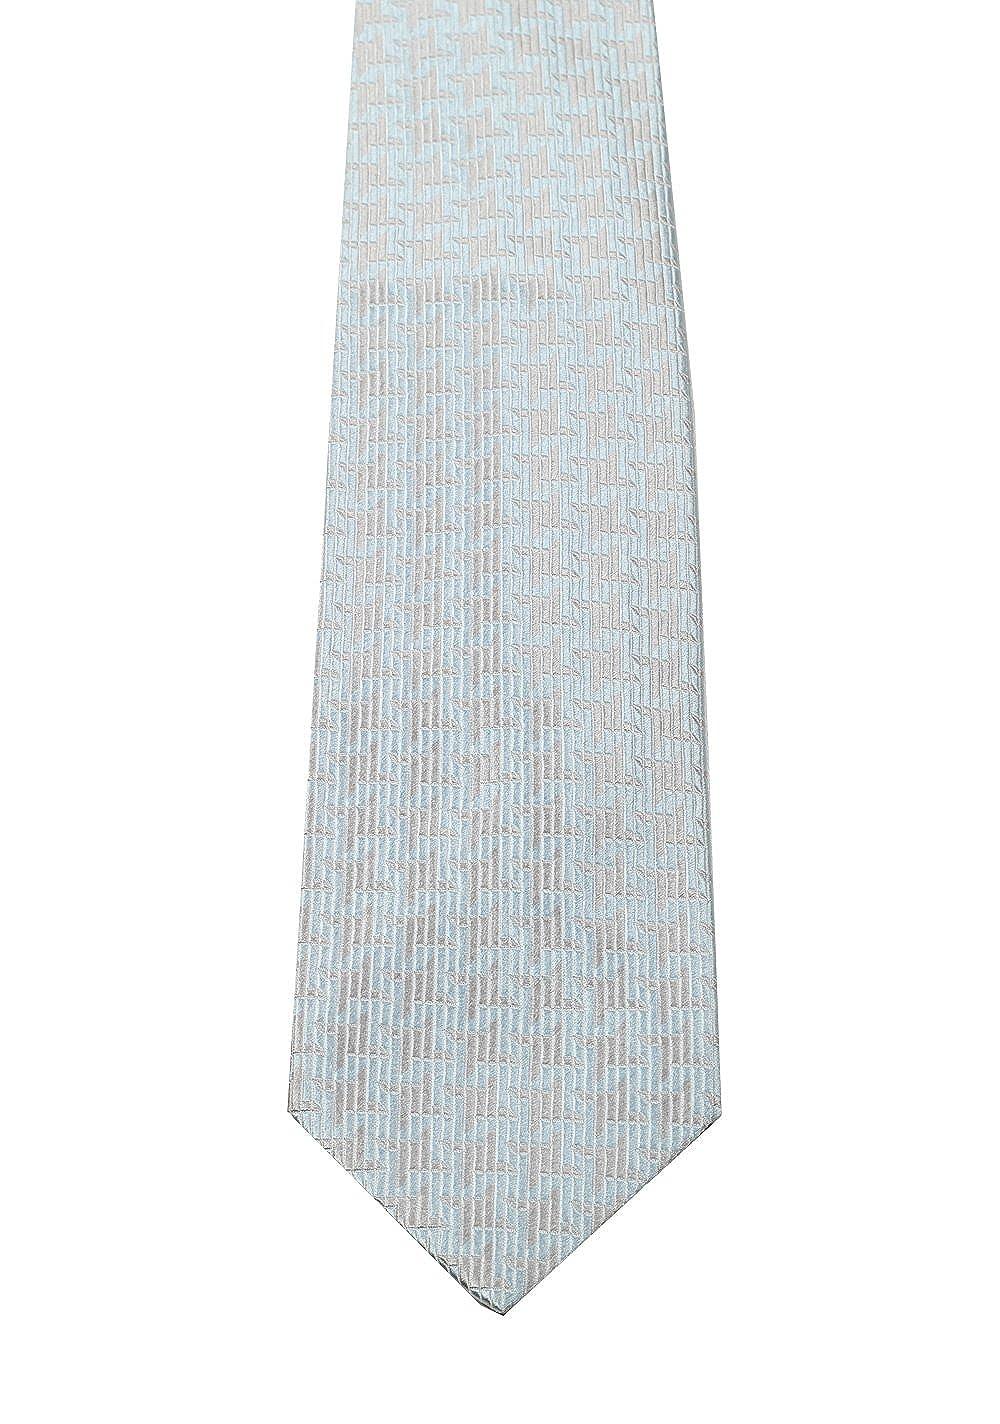 Gucci CL Blue Patterned Tie: Amazon.es: Ropa y accesorios